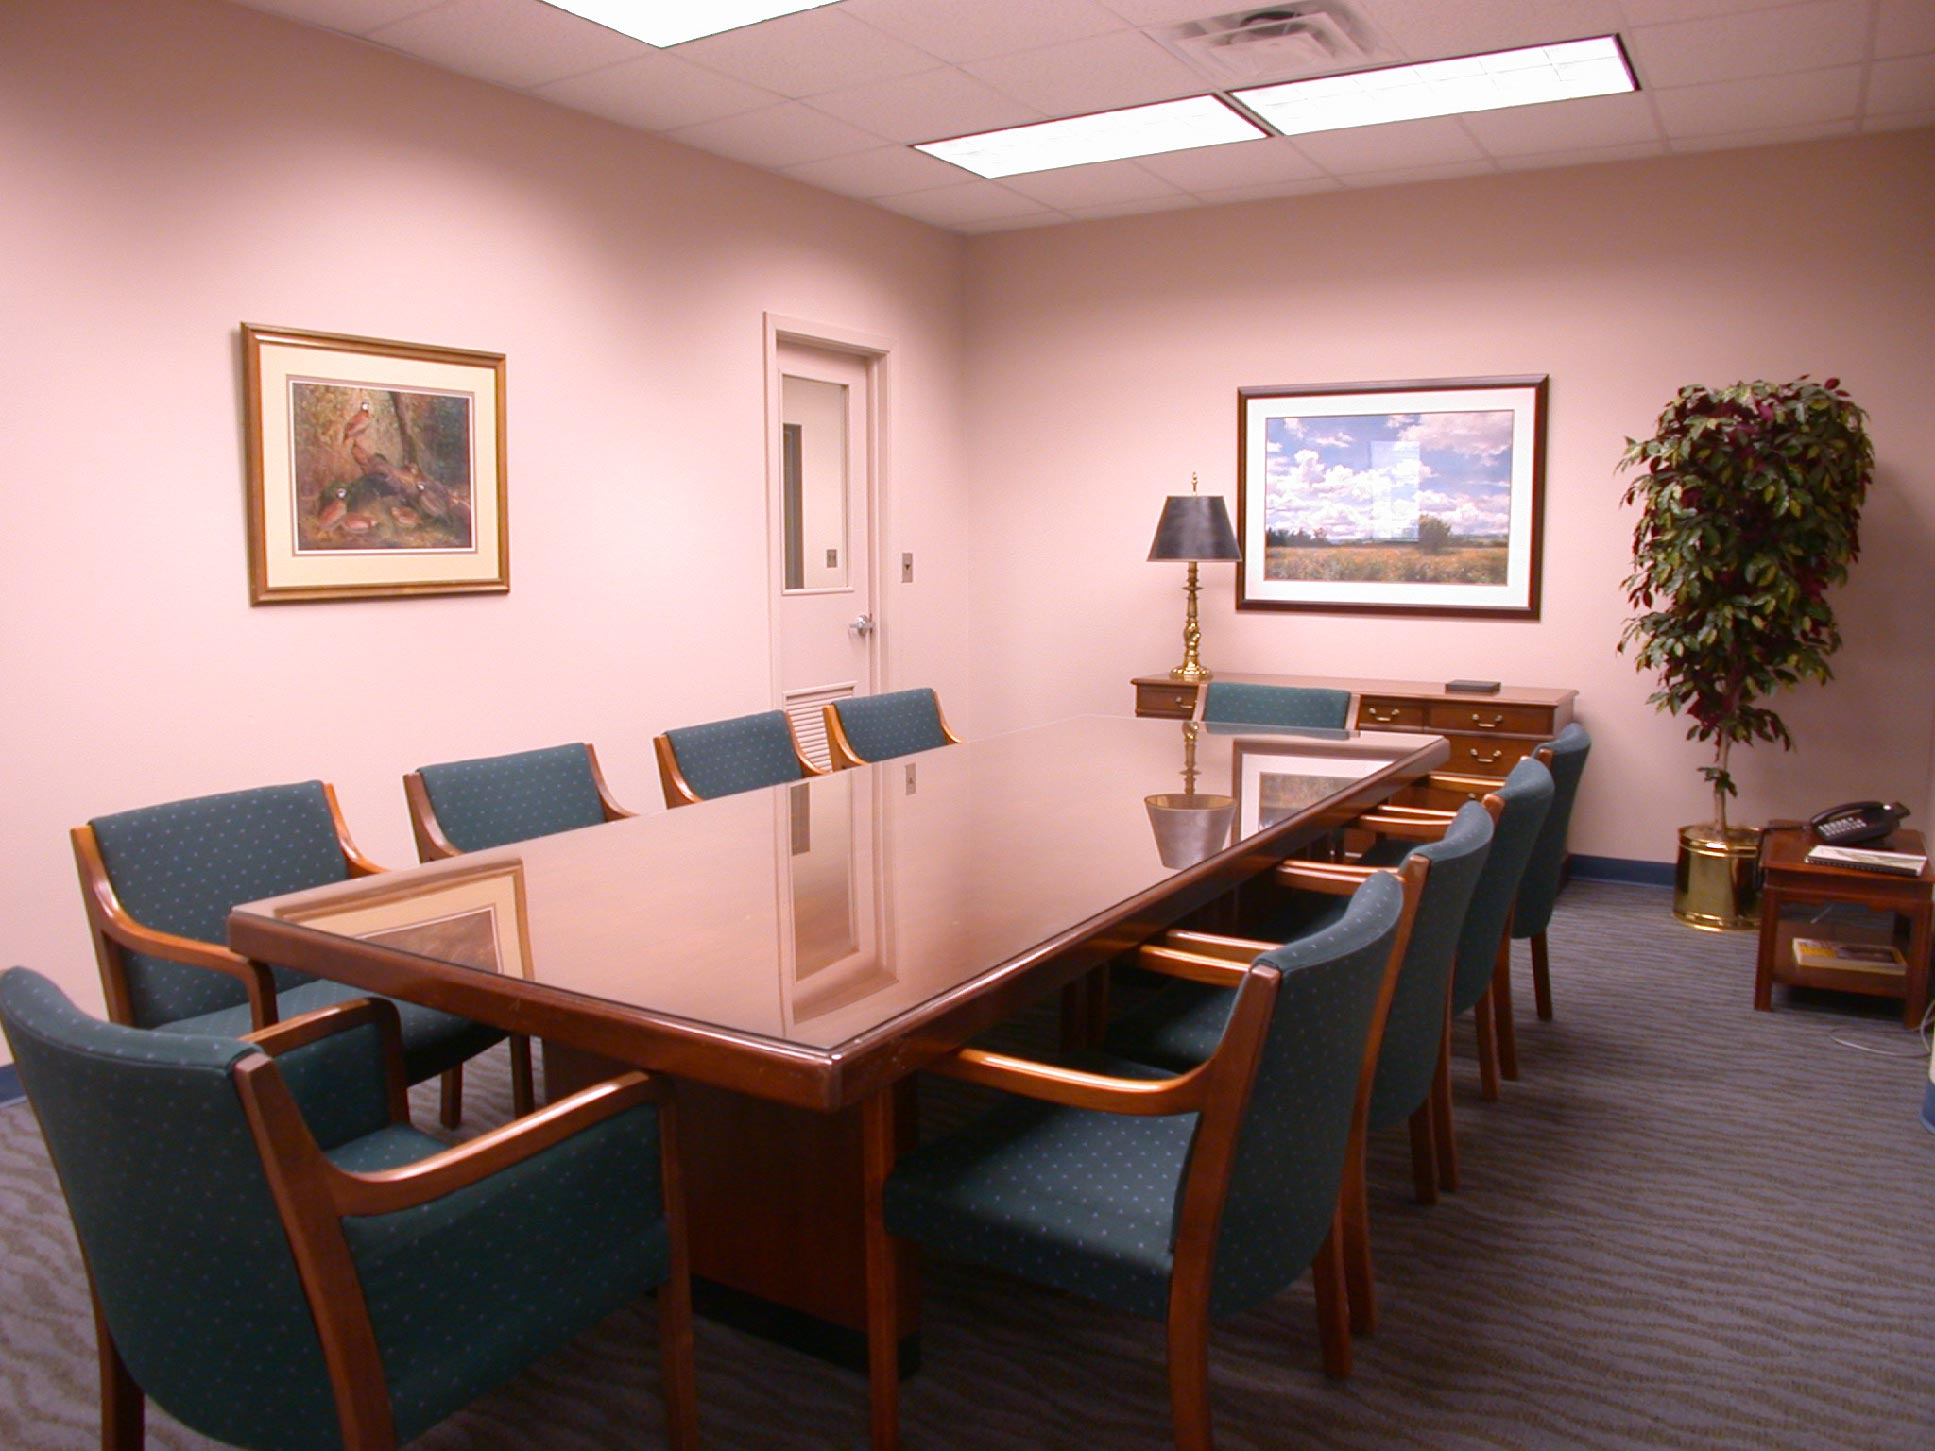 Ремонт офисов: клиенты оценят!